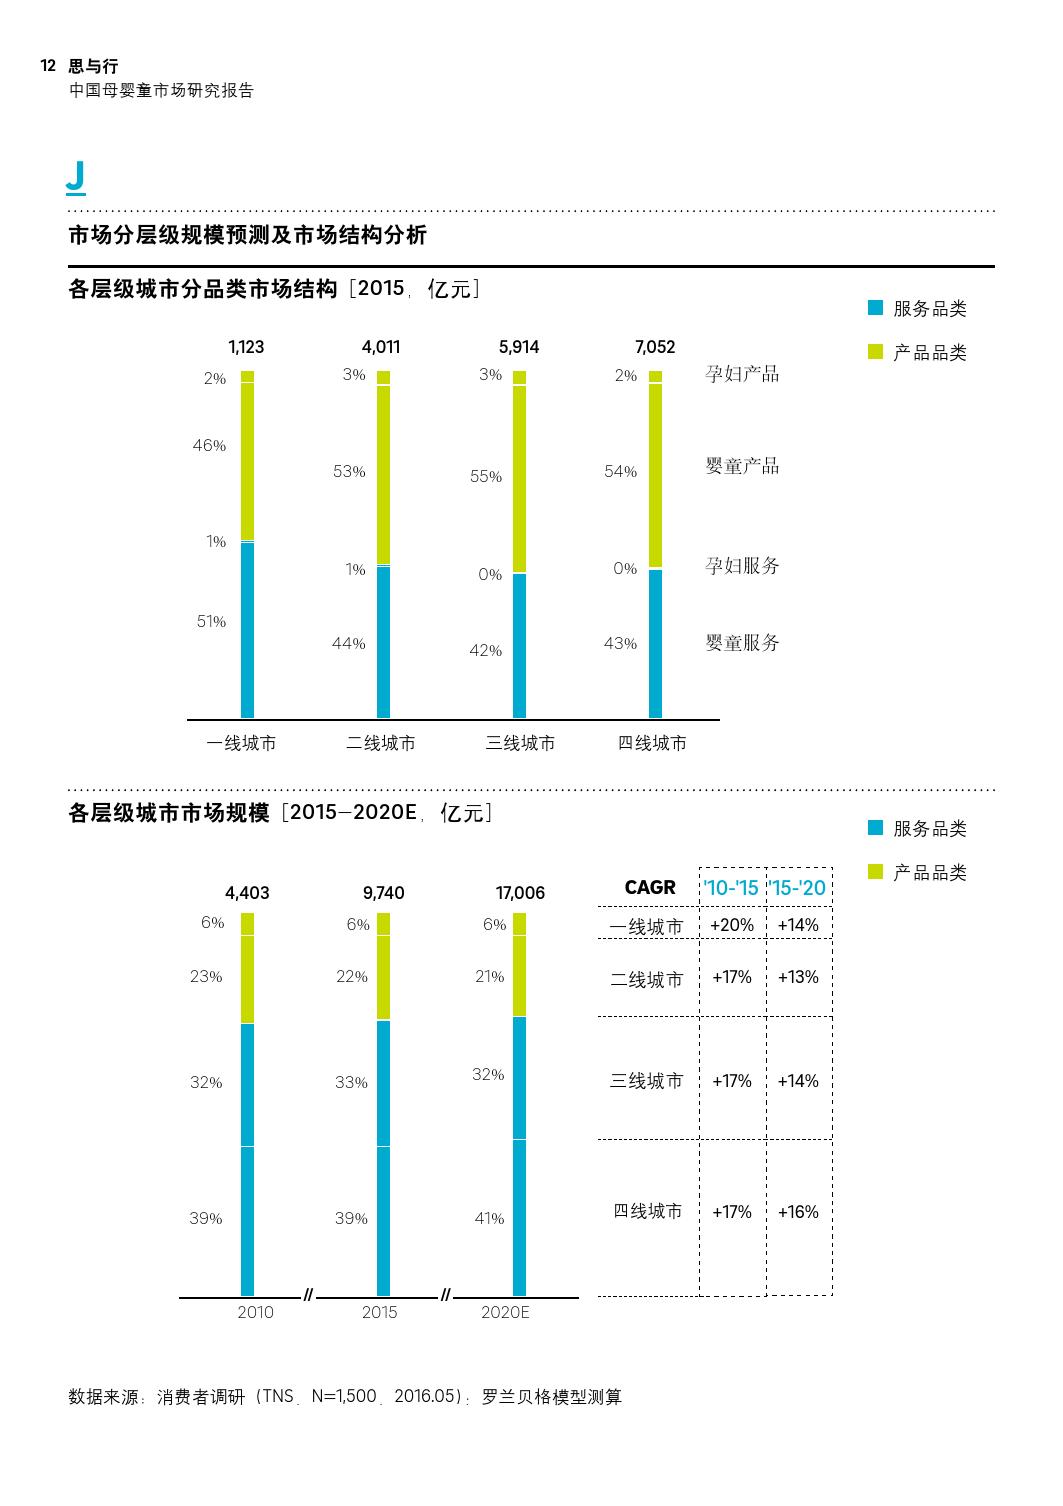 罗兰贝:2016中国母婴童市场研究报告_000012